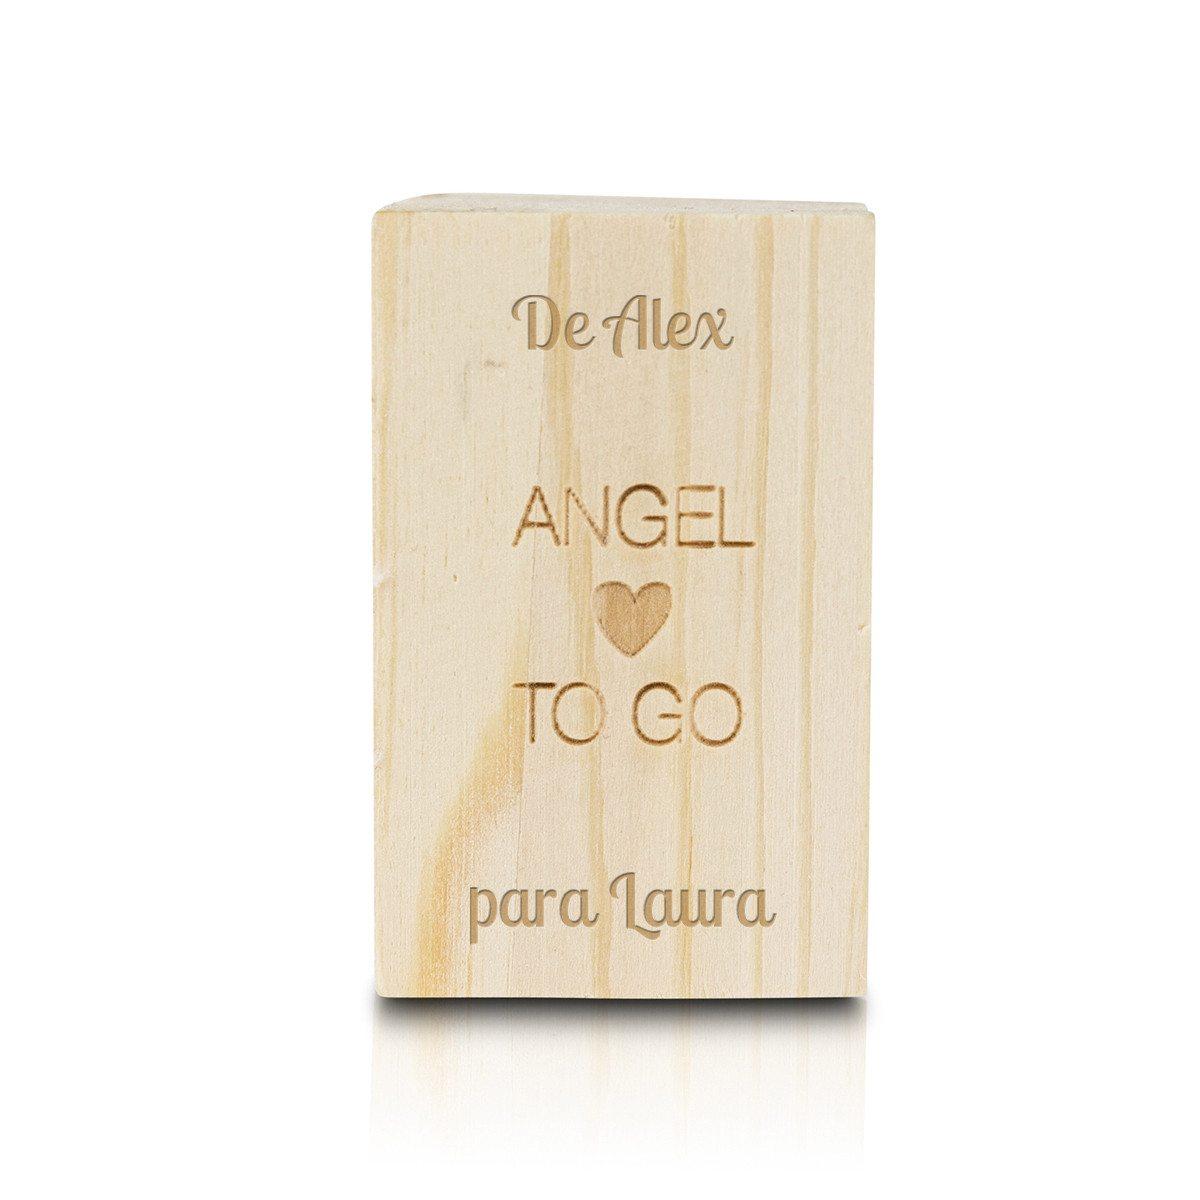 Ángel de la guarda en caja de madera – único y personalizable